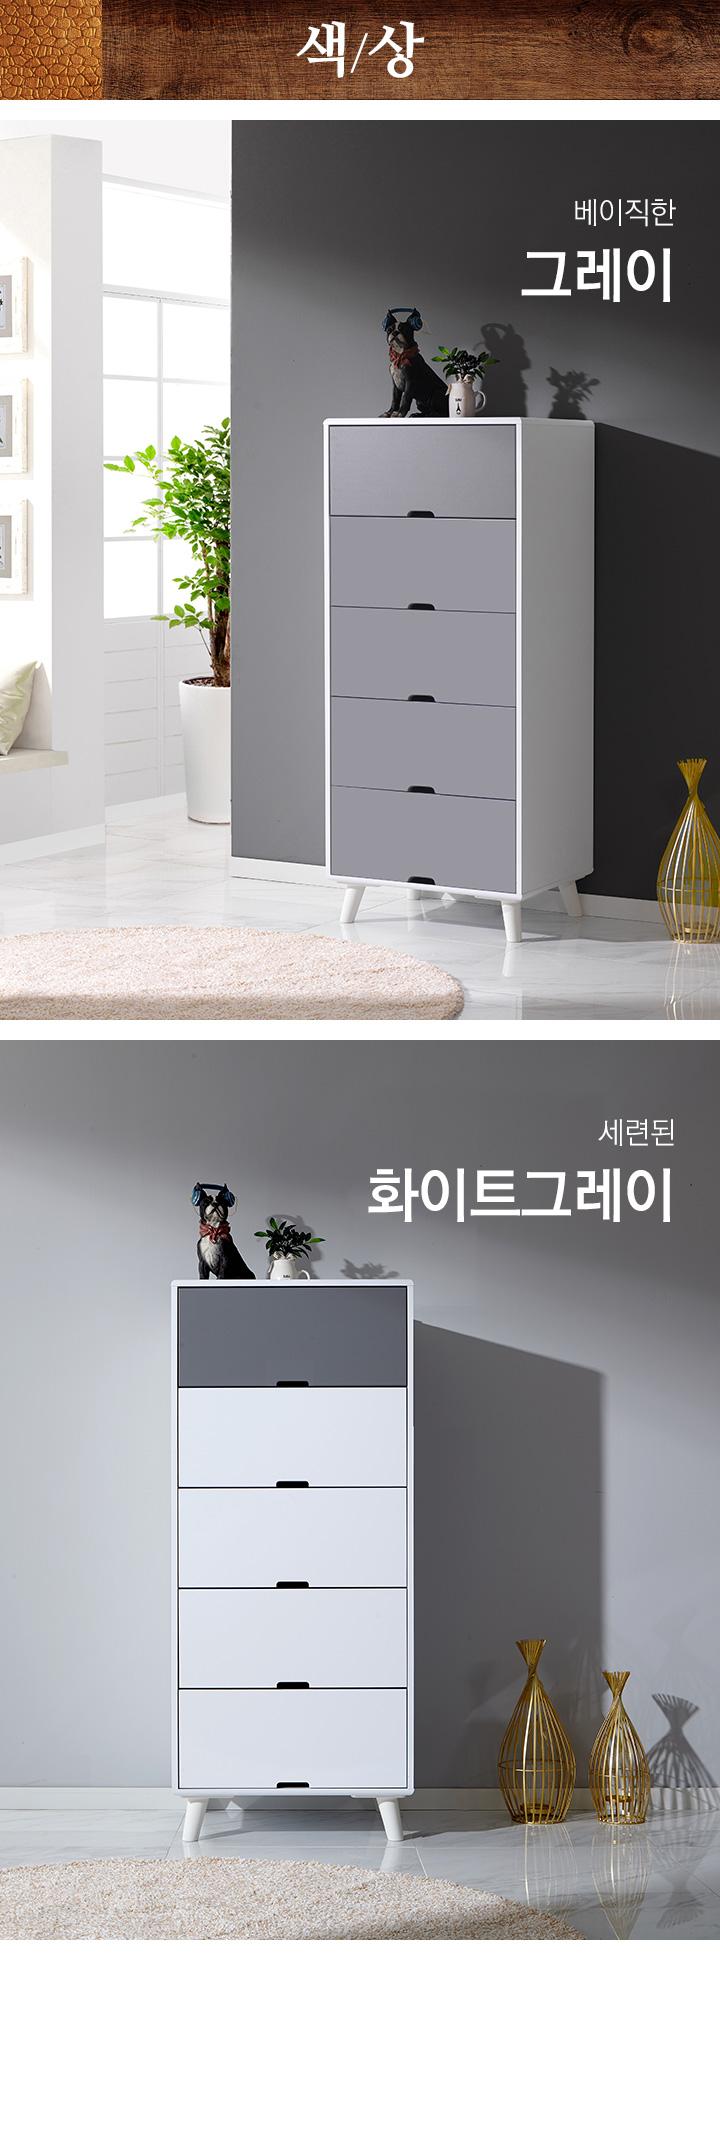 구기노 5단 서랍장 600 - 우아미아이, 203,630원, 서랍장, 다용도 서랍장